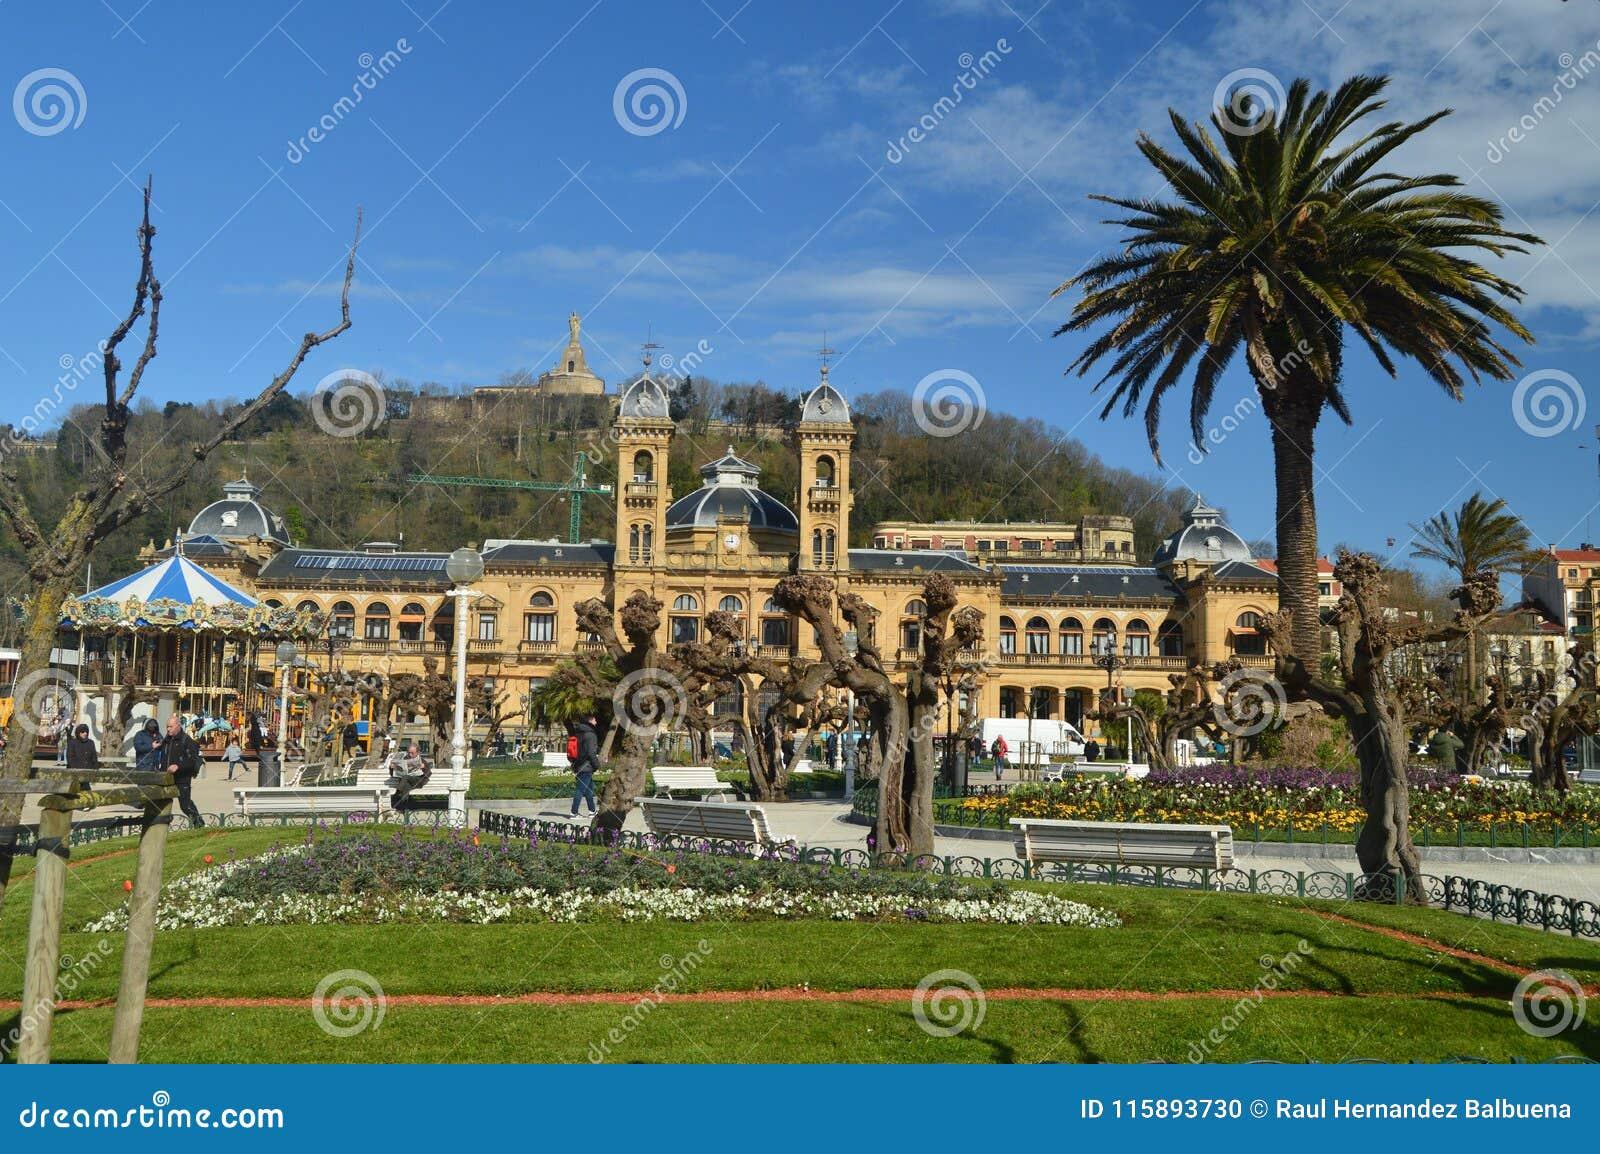 San Sebastian City Hall Located Downtown en tormentas hermosas y de Sunny Day With Strong Wind causadas por el huracán Hugo Archi